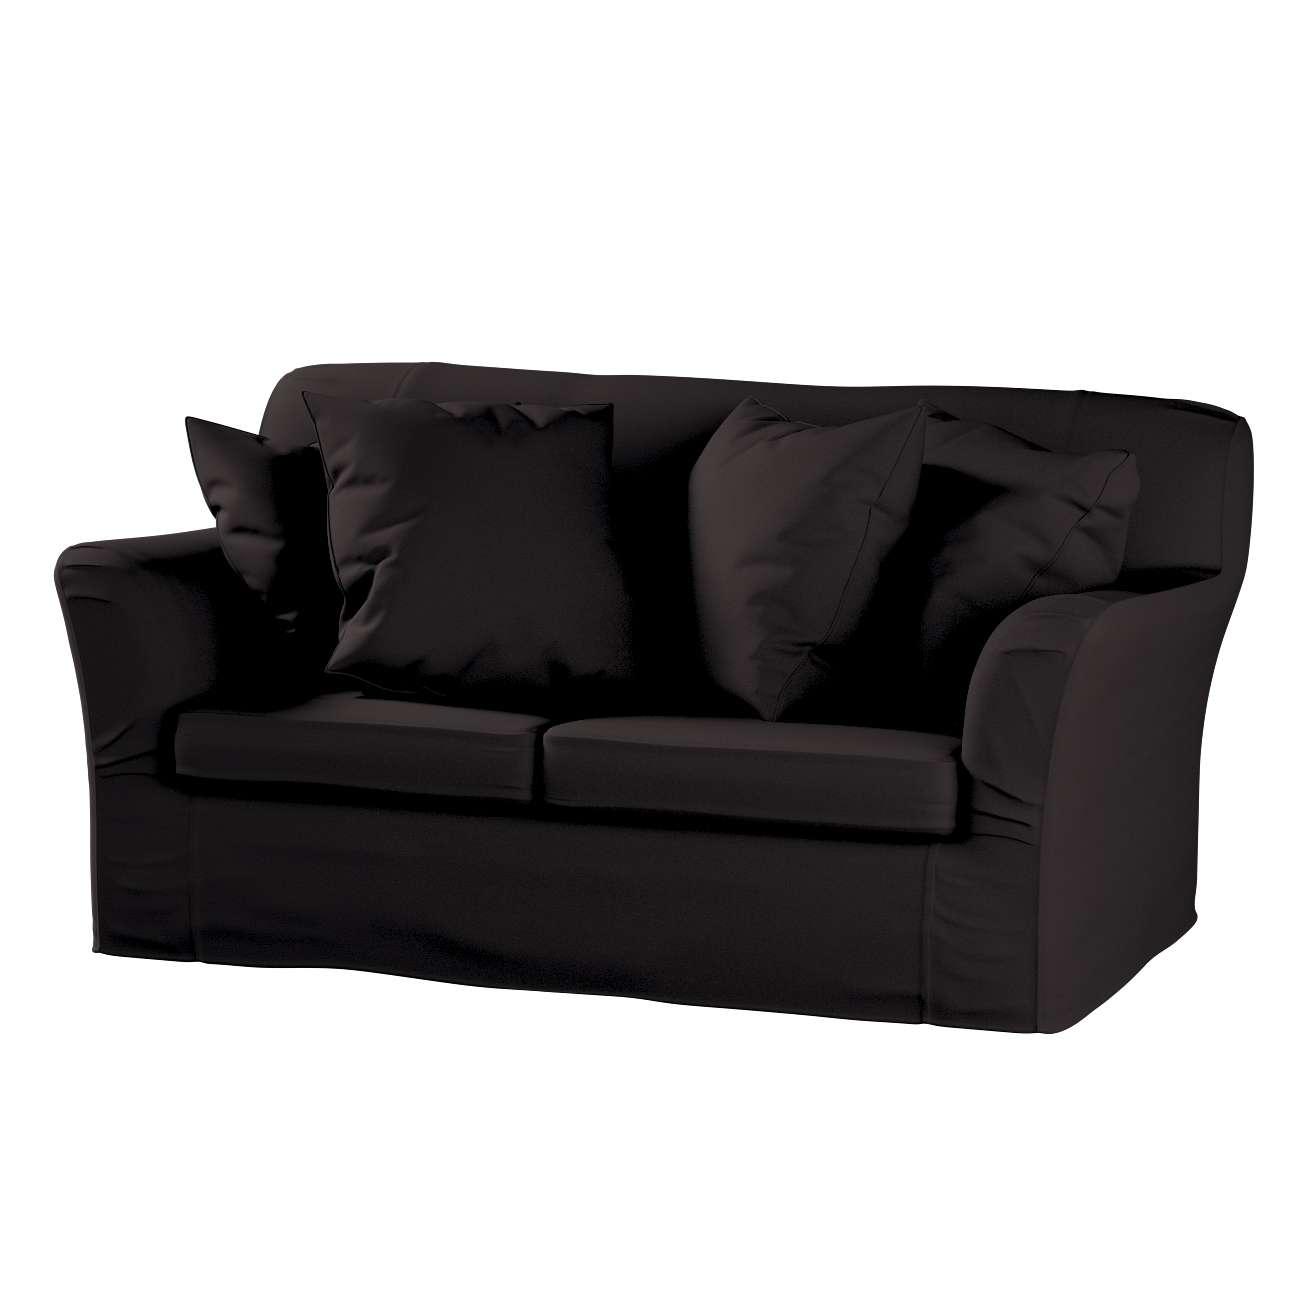 Tomelilla klädsel 2 sits soffa , Black (svart), 702 09, Tomelilla 2 sits soffa Dekoria